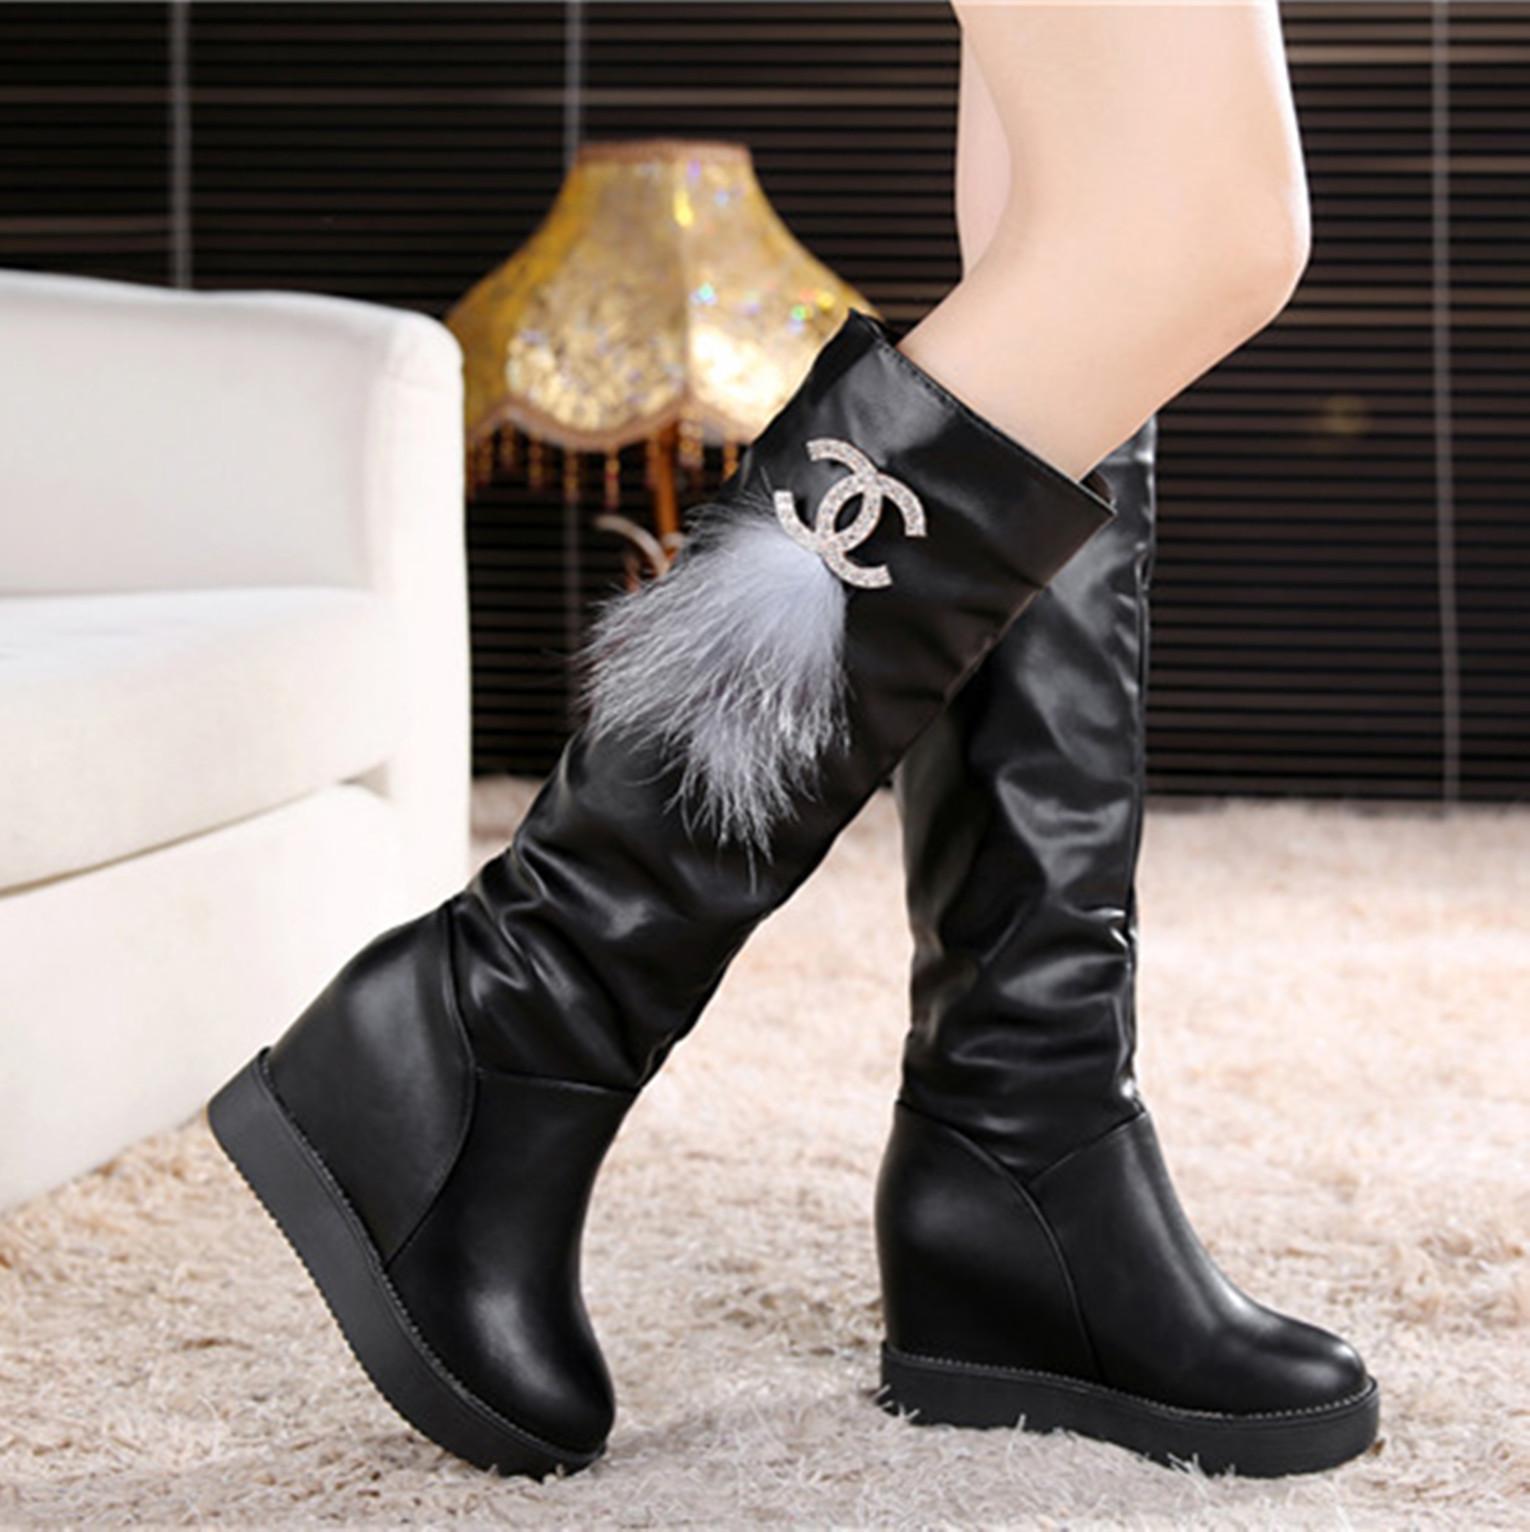 水钻坡跟鞋 秋冬季套筒皮面水钻女鞋长靴内增高筒靴坡跟厚底拉链中筒女靴子潮_推荐淘宝好看的水钻坡跟鞋